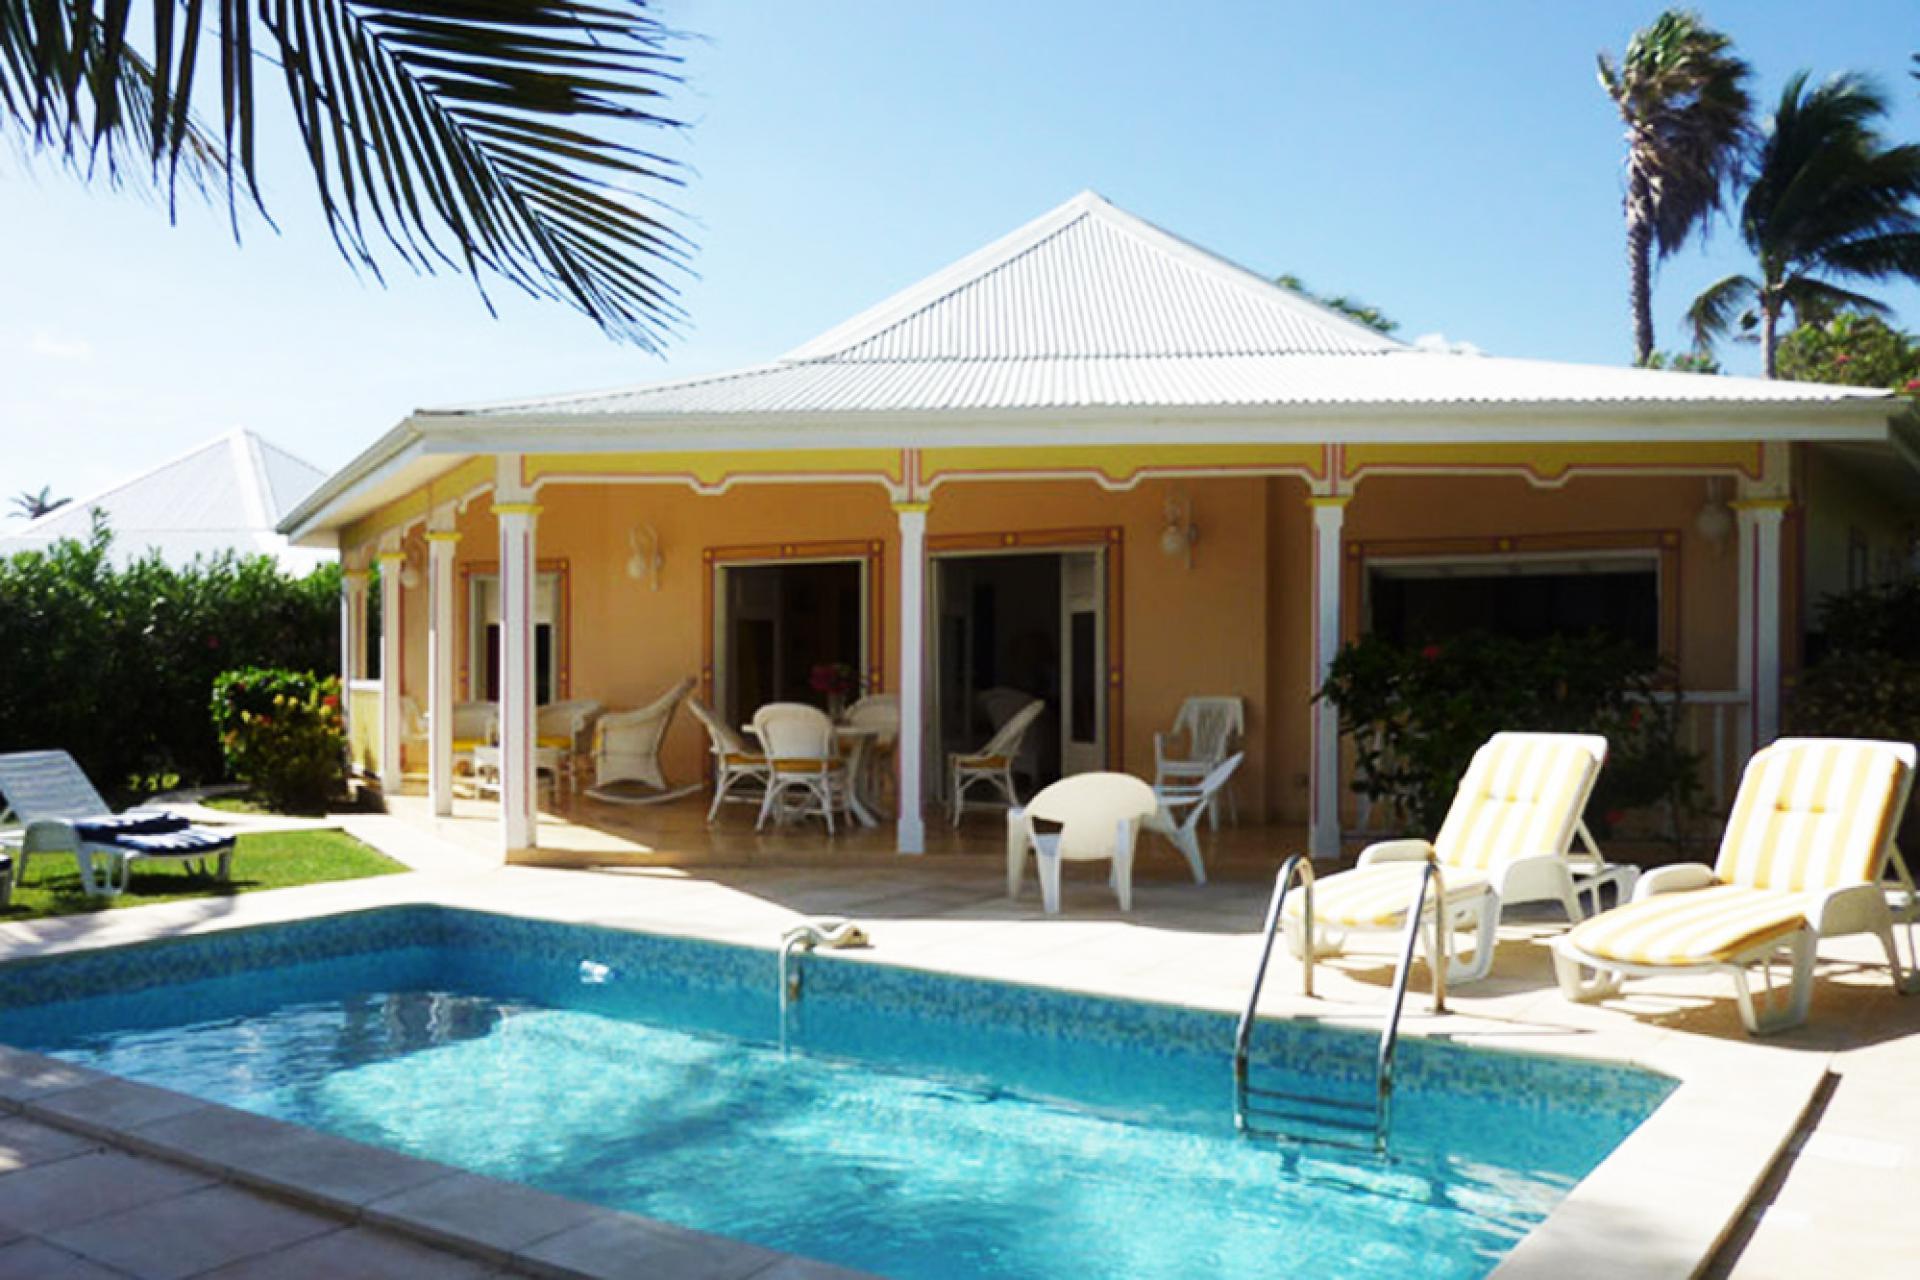 Villa Avec Piscine Et Vue Mer - Ref: Gpsf20 (Saint François, Guadeloupe) avec Piscine Tarare